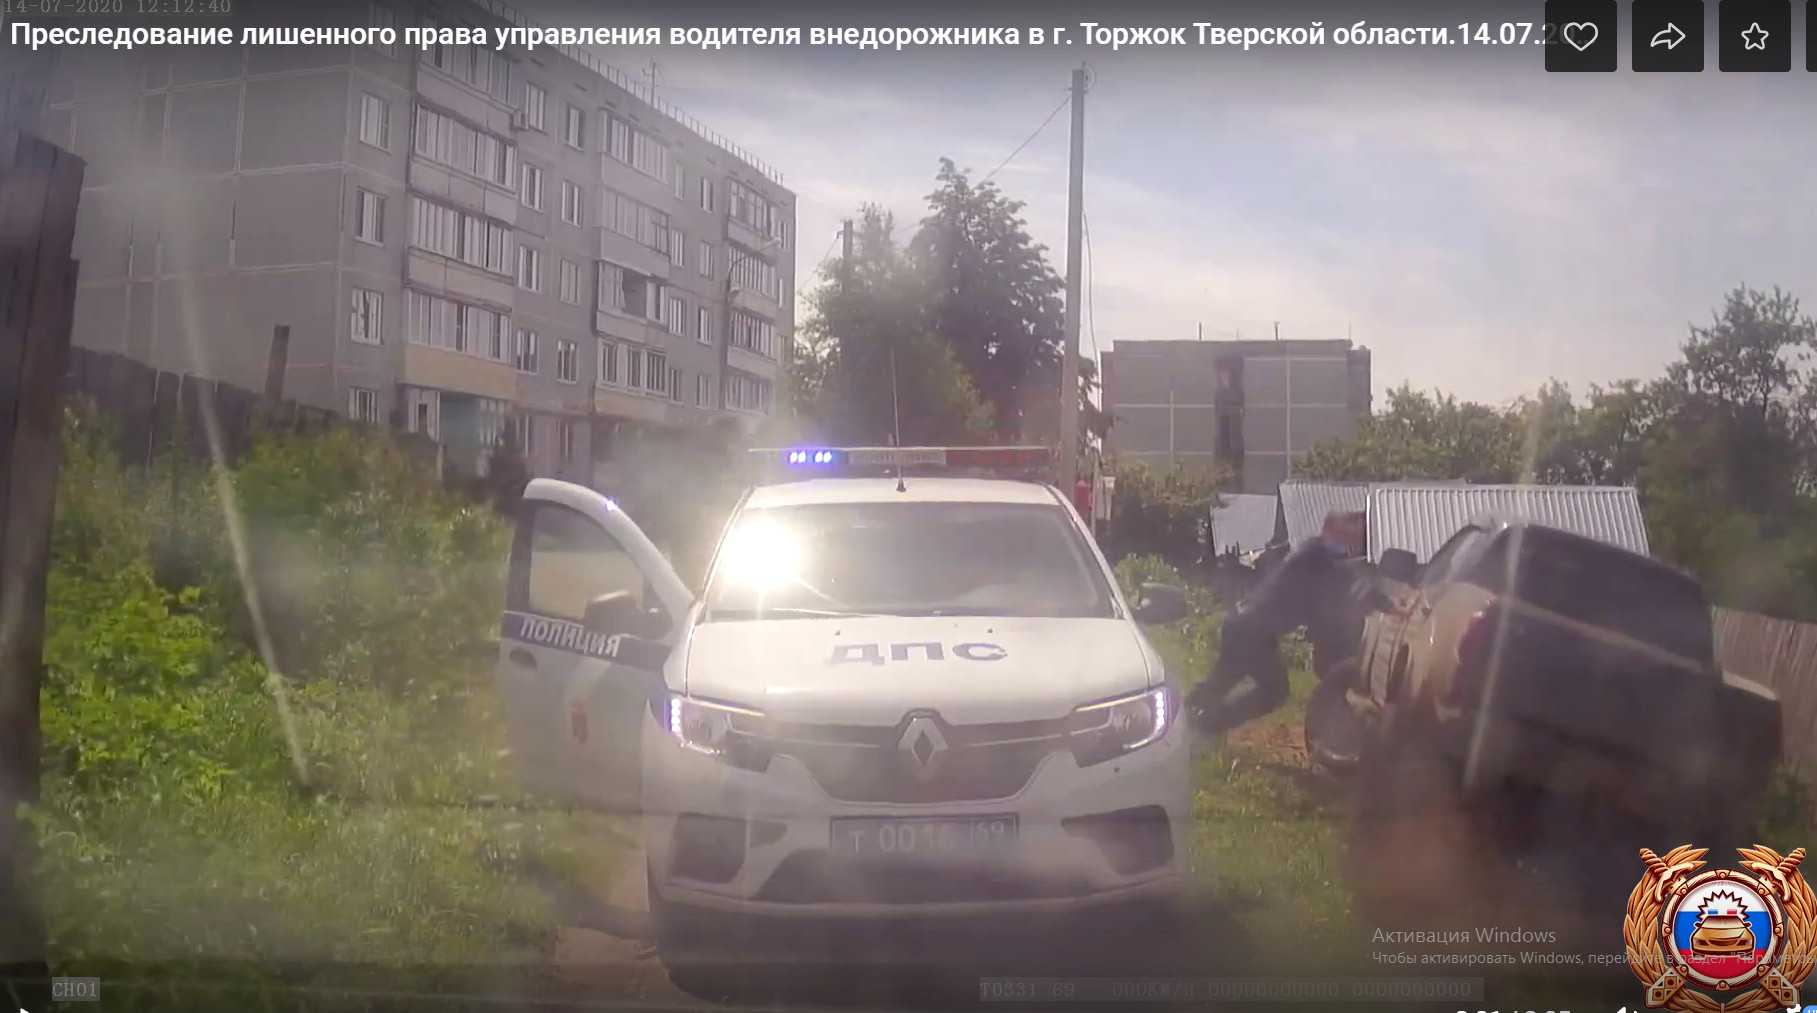 Водитель внедорожника не смог уйти от погони автоинспекторов в Тверской области